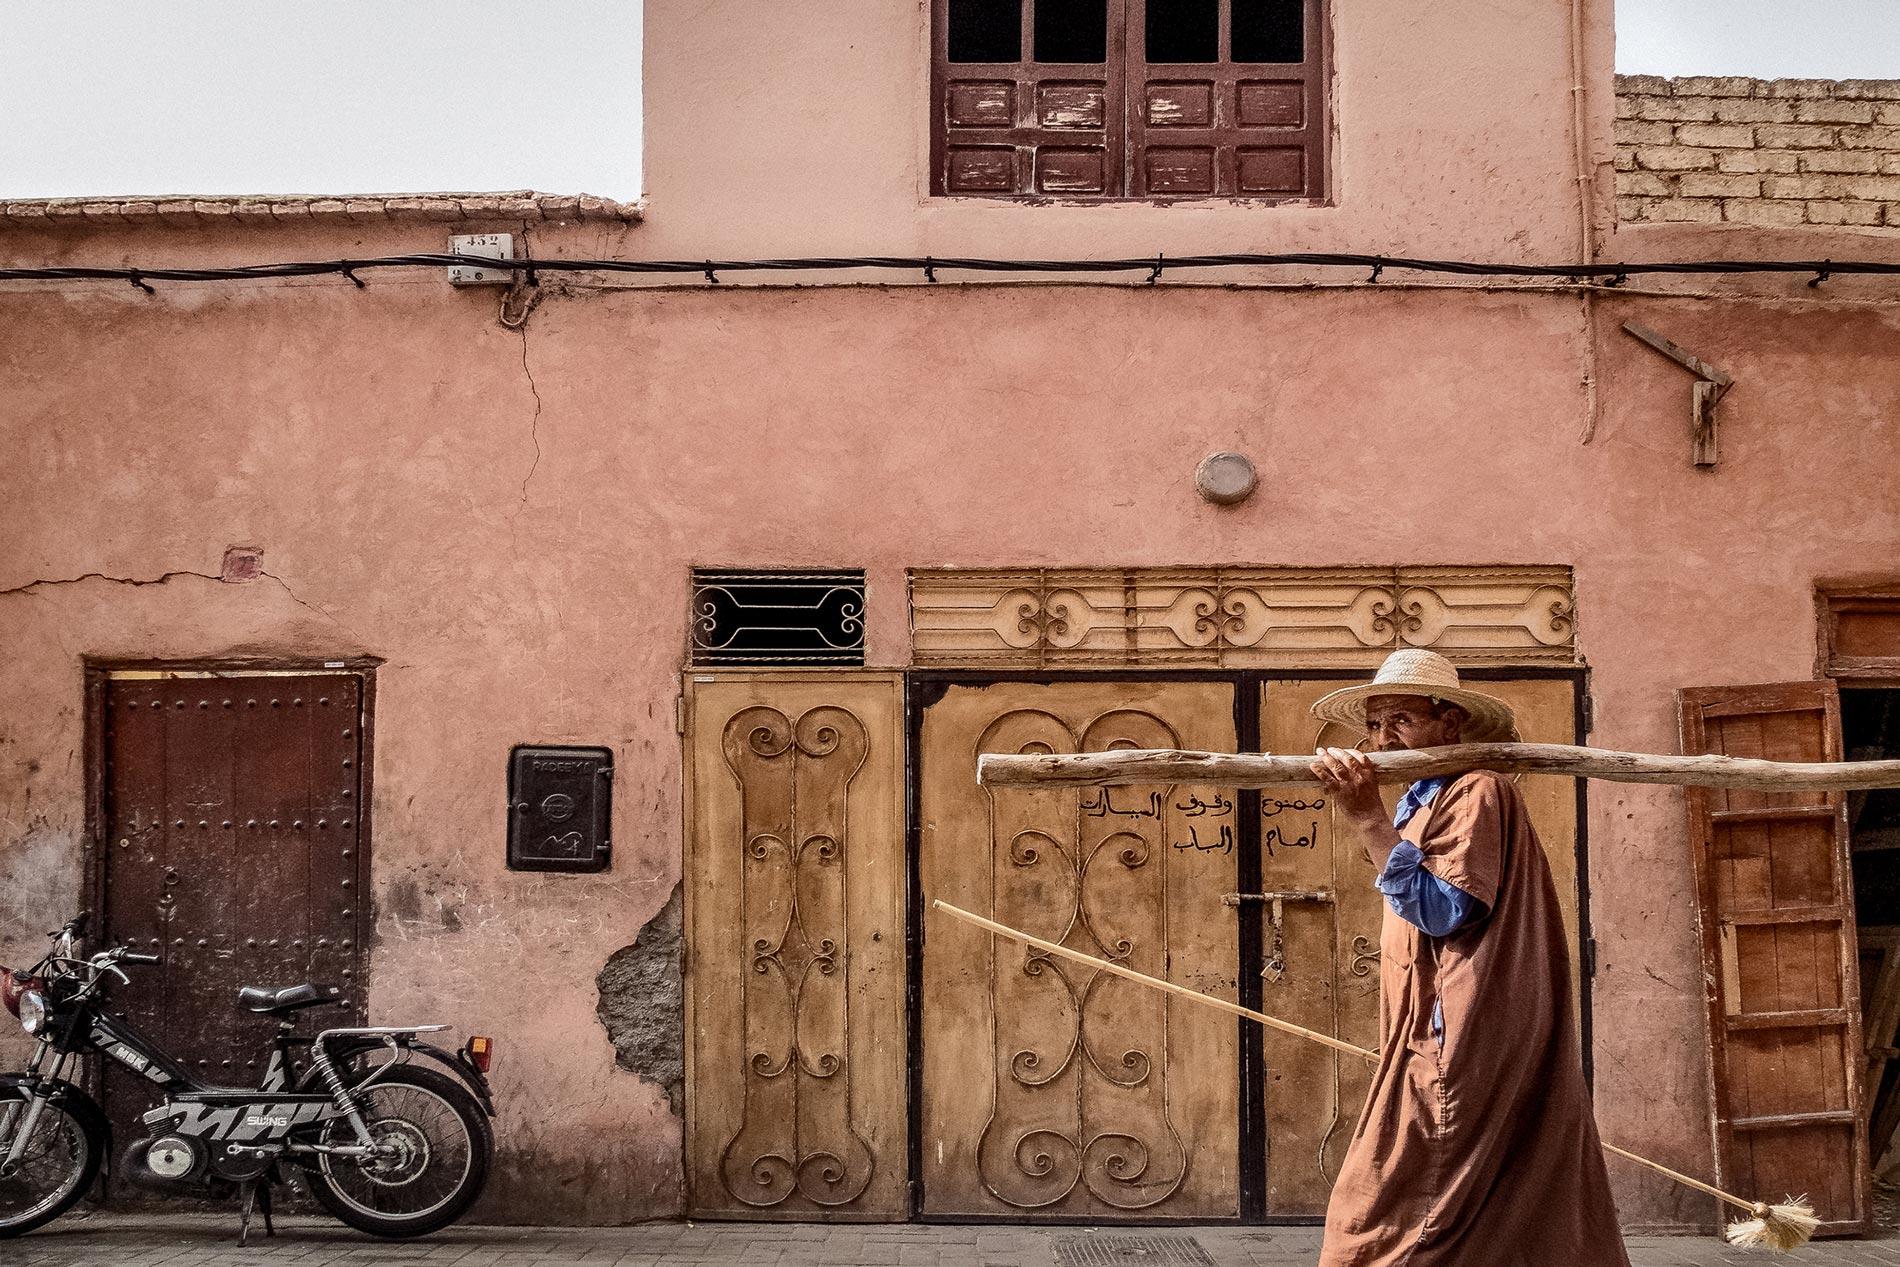 Stick man - Marrakech